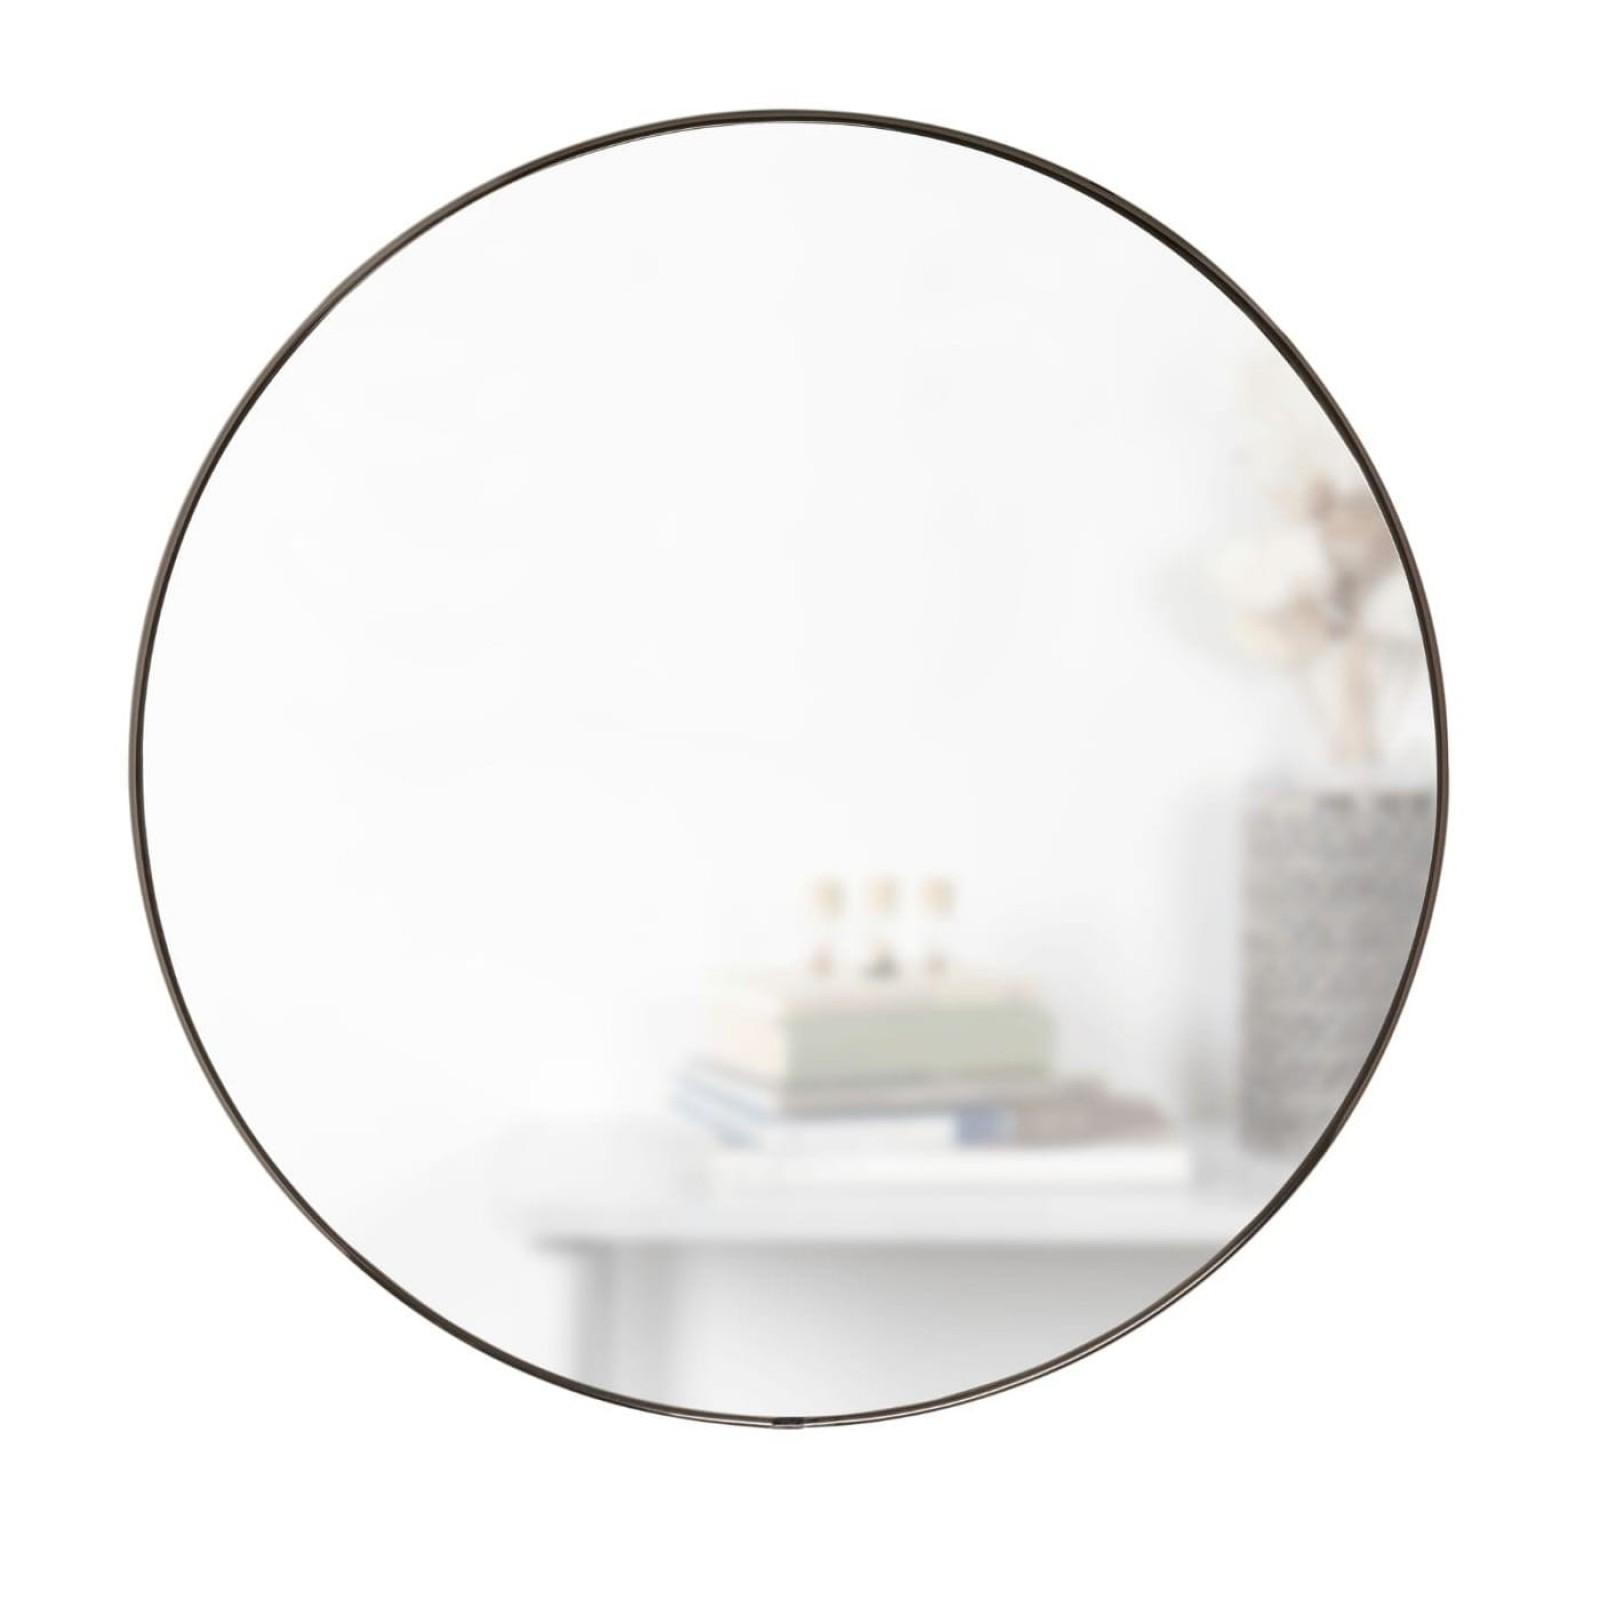 Στρόγγυλος Καθρέφτης Τοίχου Hubba 86 εκ. (Μαύρο) - Umbra